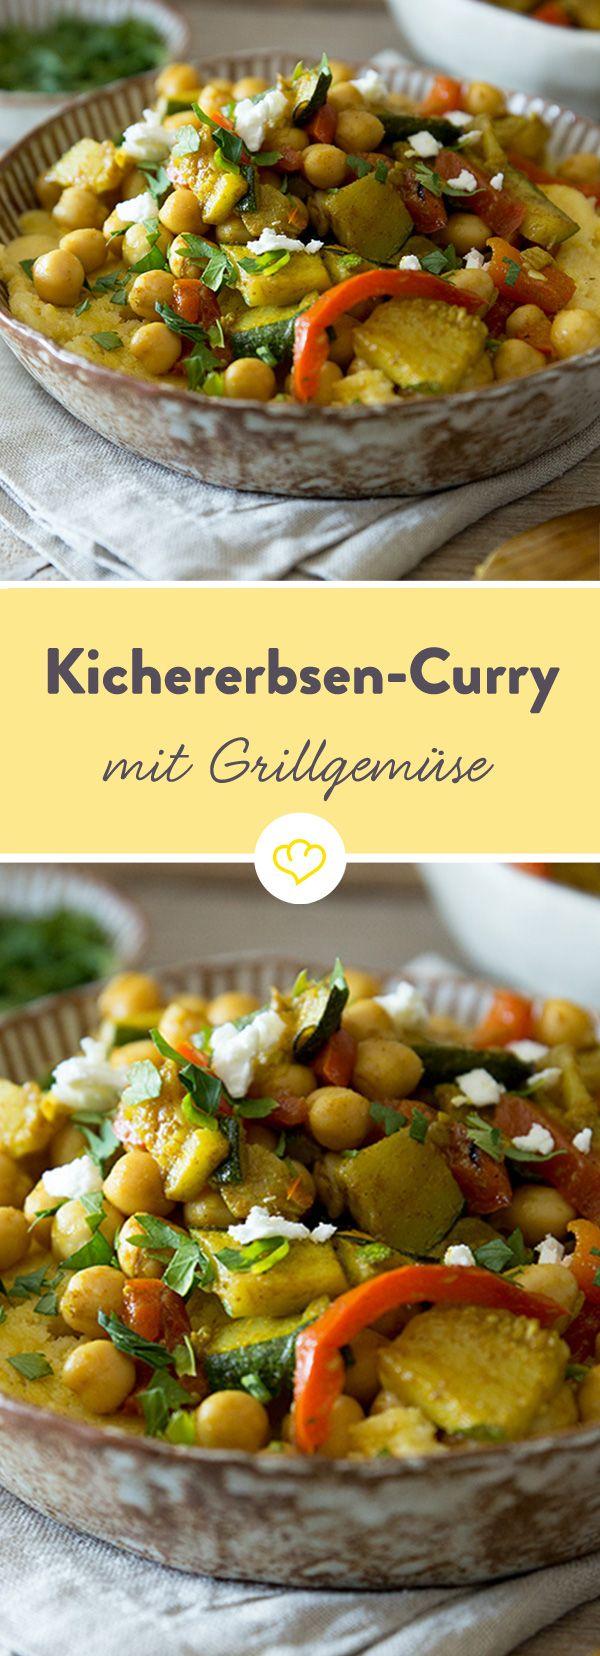 Cremige Polenta wird hier mit Grillgemüse getoppt, das du wahlweise auf dem Grill oder im Backofen zubereiten kannst. Gleich ausprobieren!